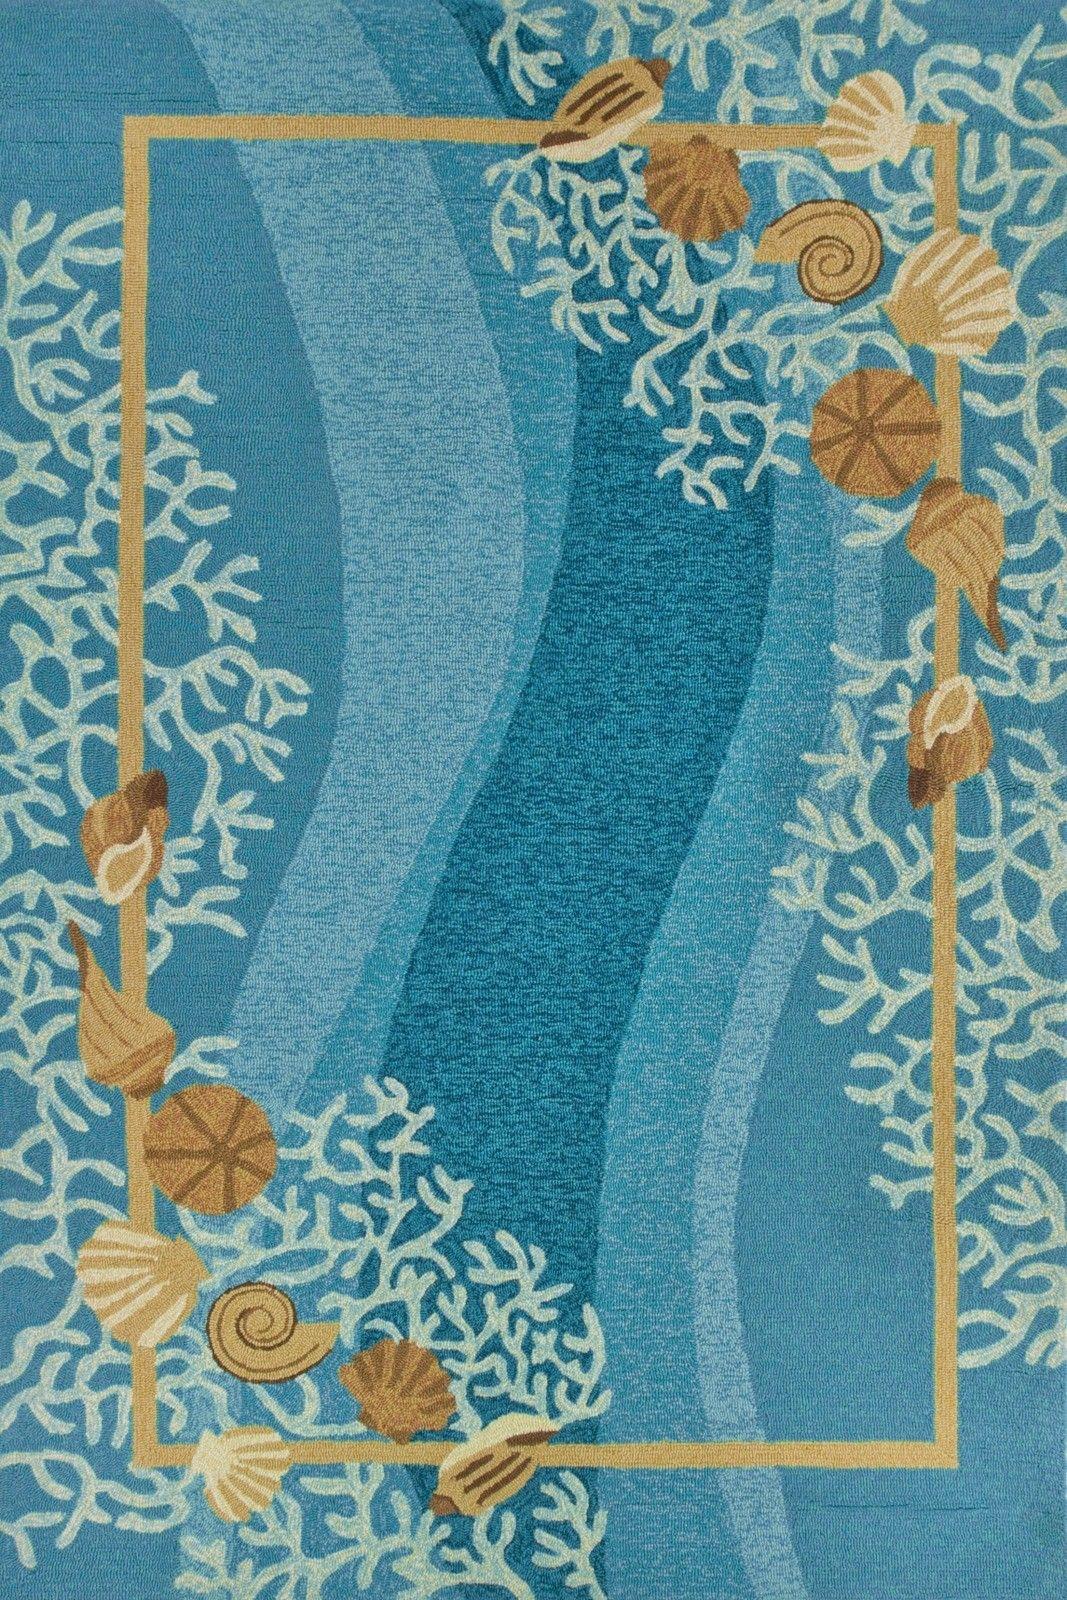 Nautical rugs for bathroom - Explore Coastal Rugs Coastal Decor And More